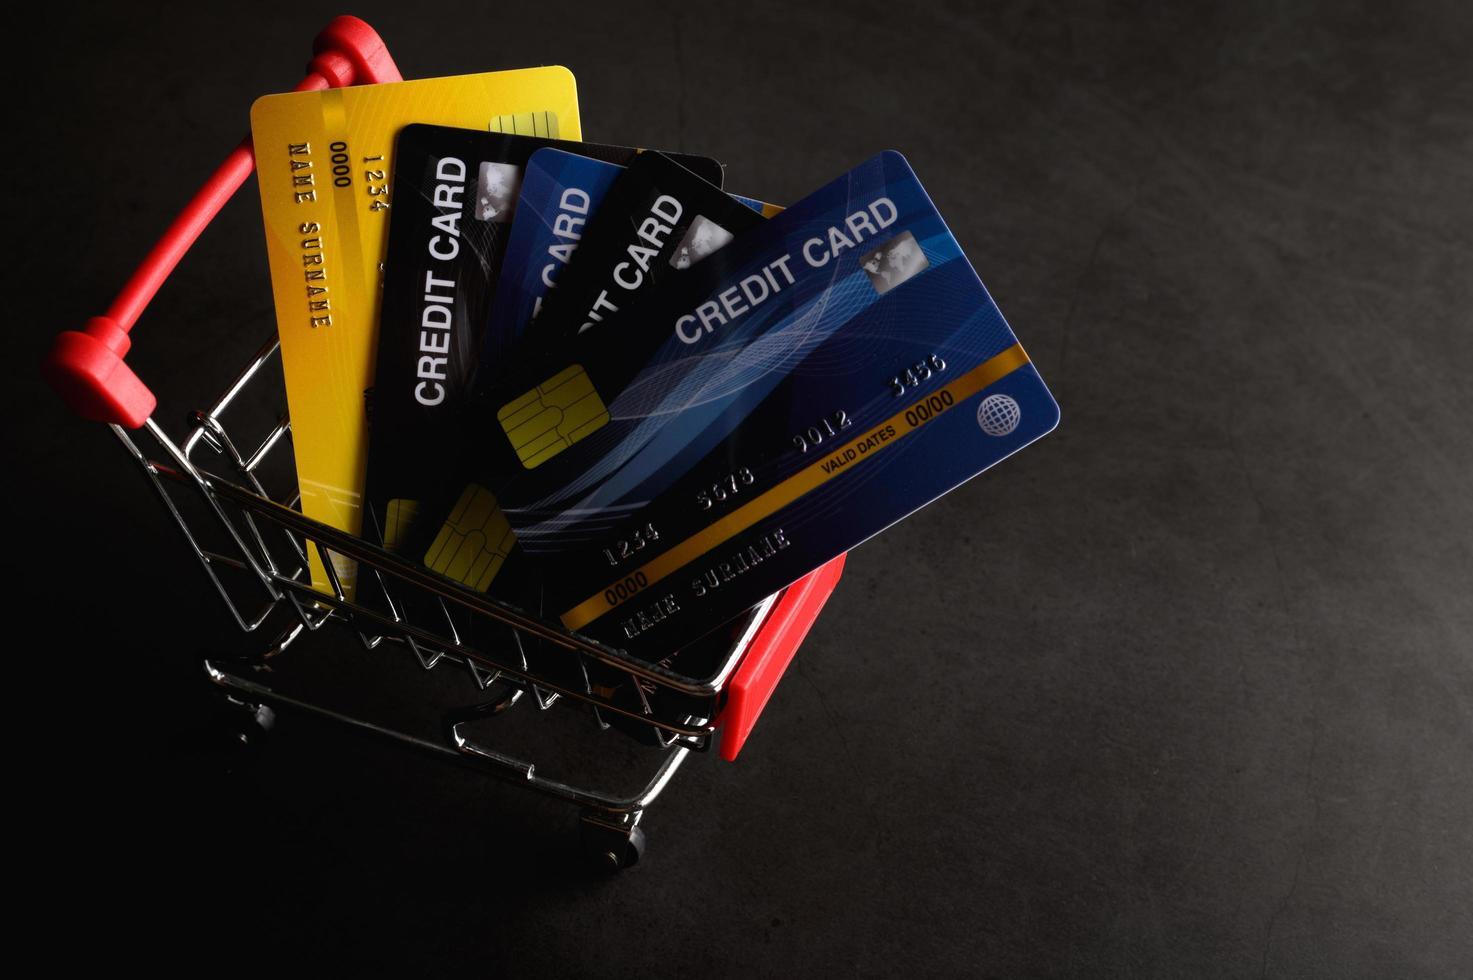 tarjetas de crédito en un carrito pequeño foto